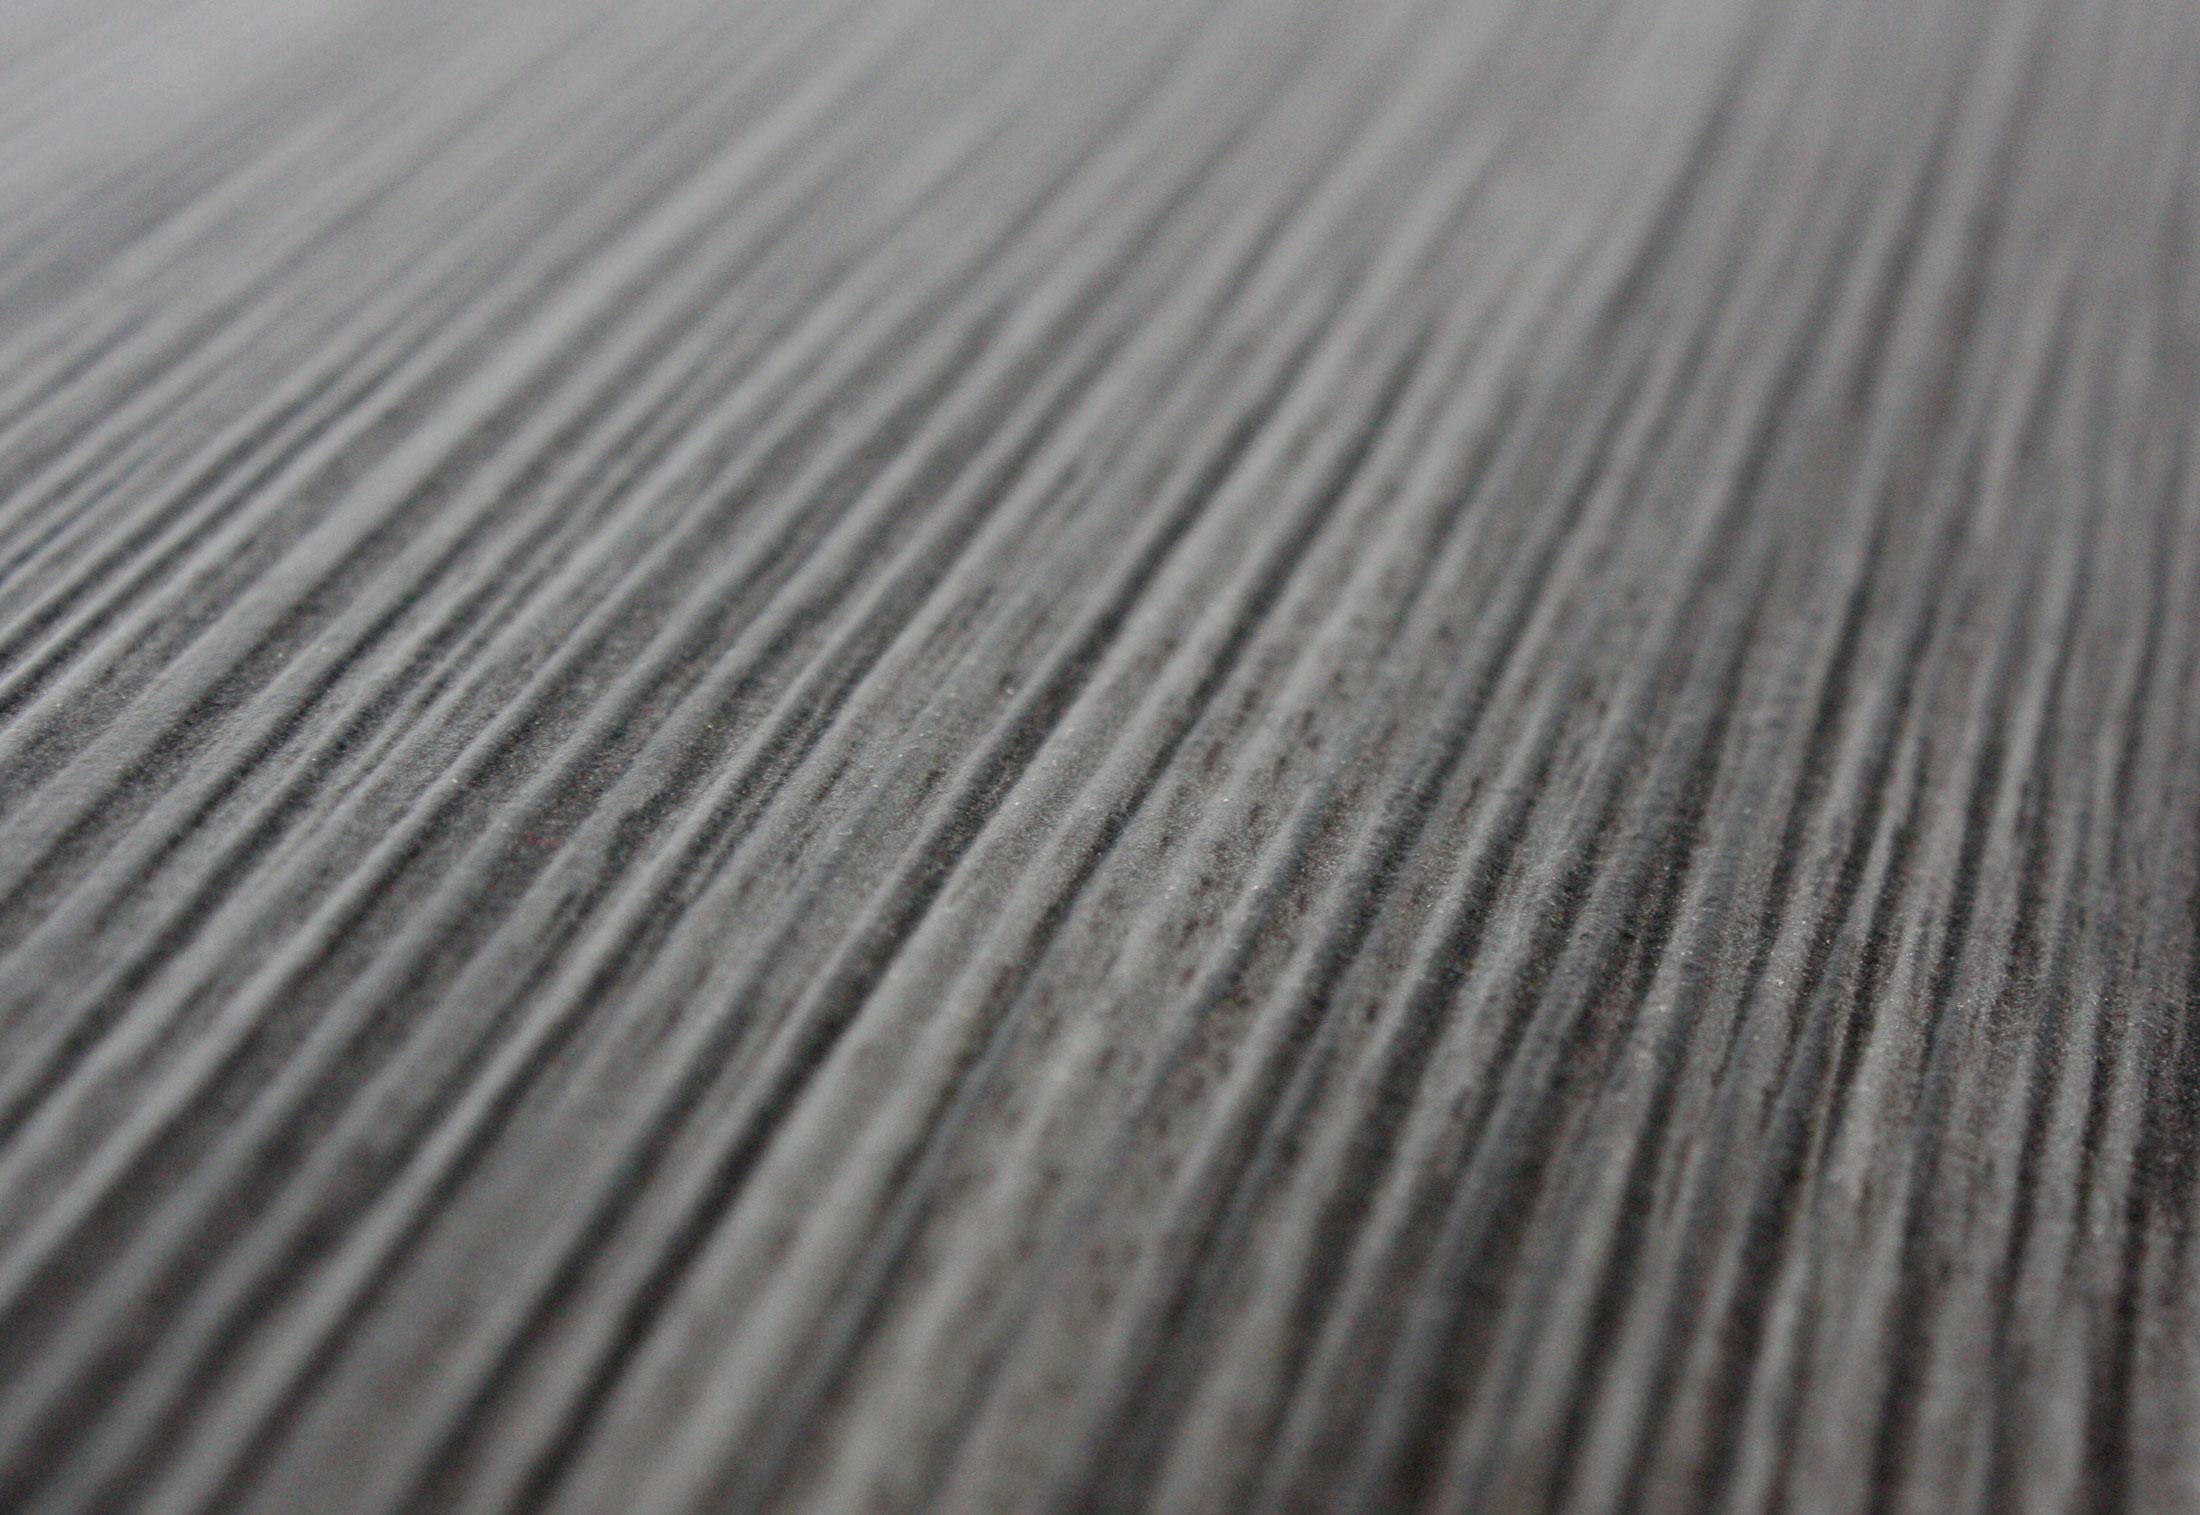 Resopal 174 Panel Wooden Spirit Zeprano Seasoned By Resopal